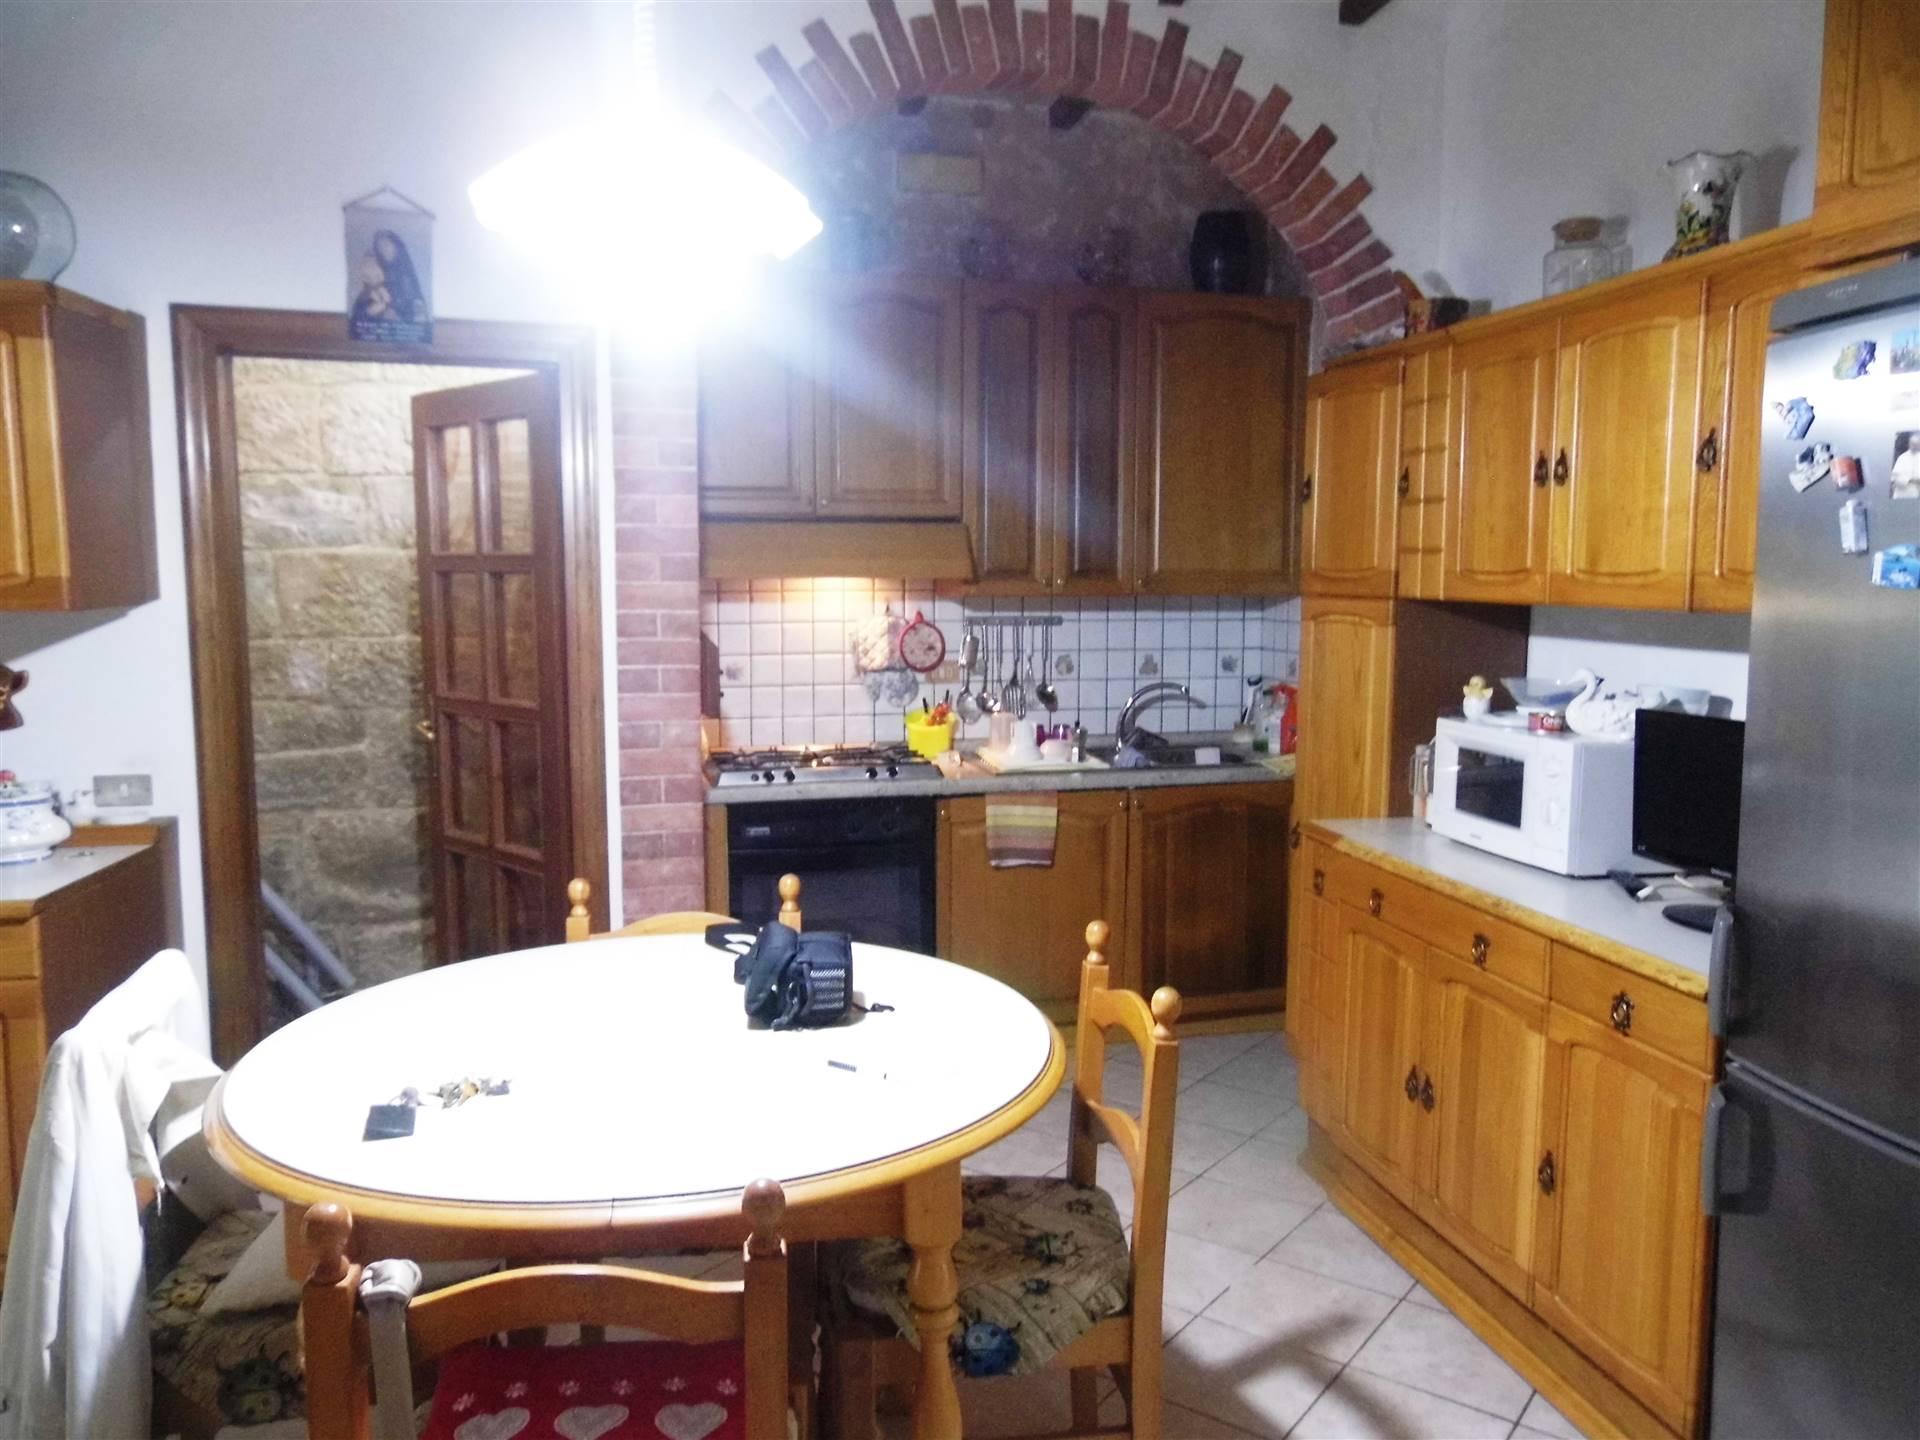 cucina - Rif. 3/415